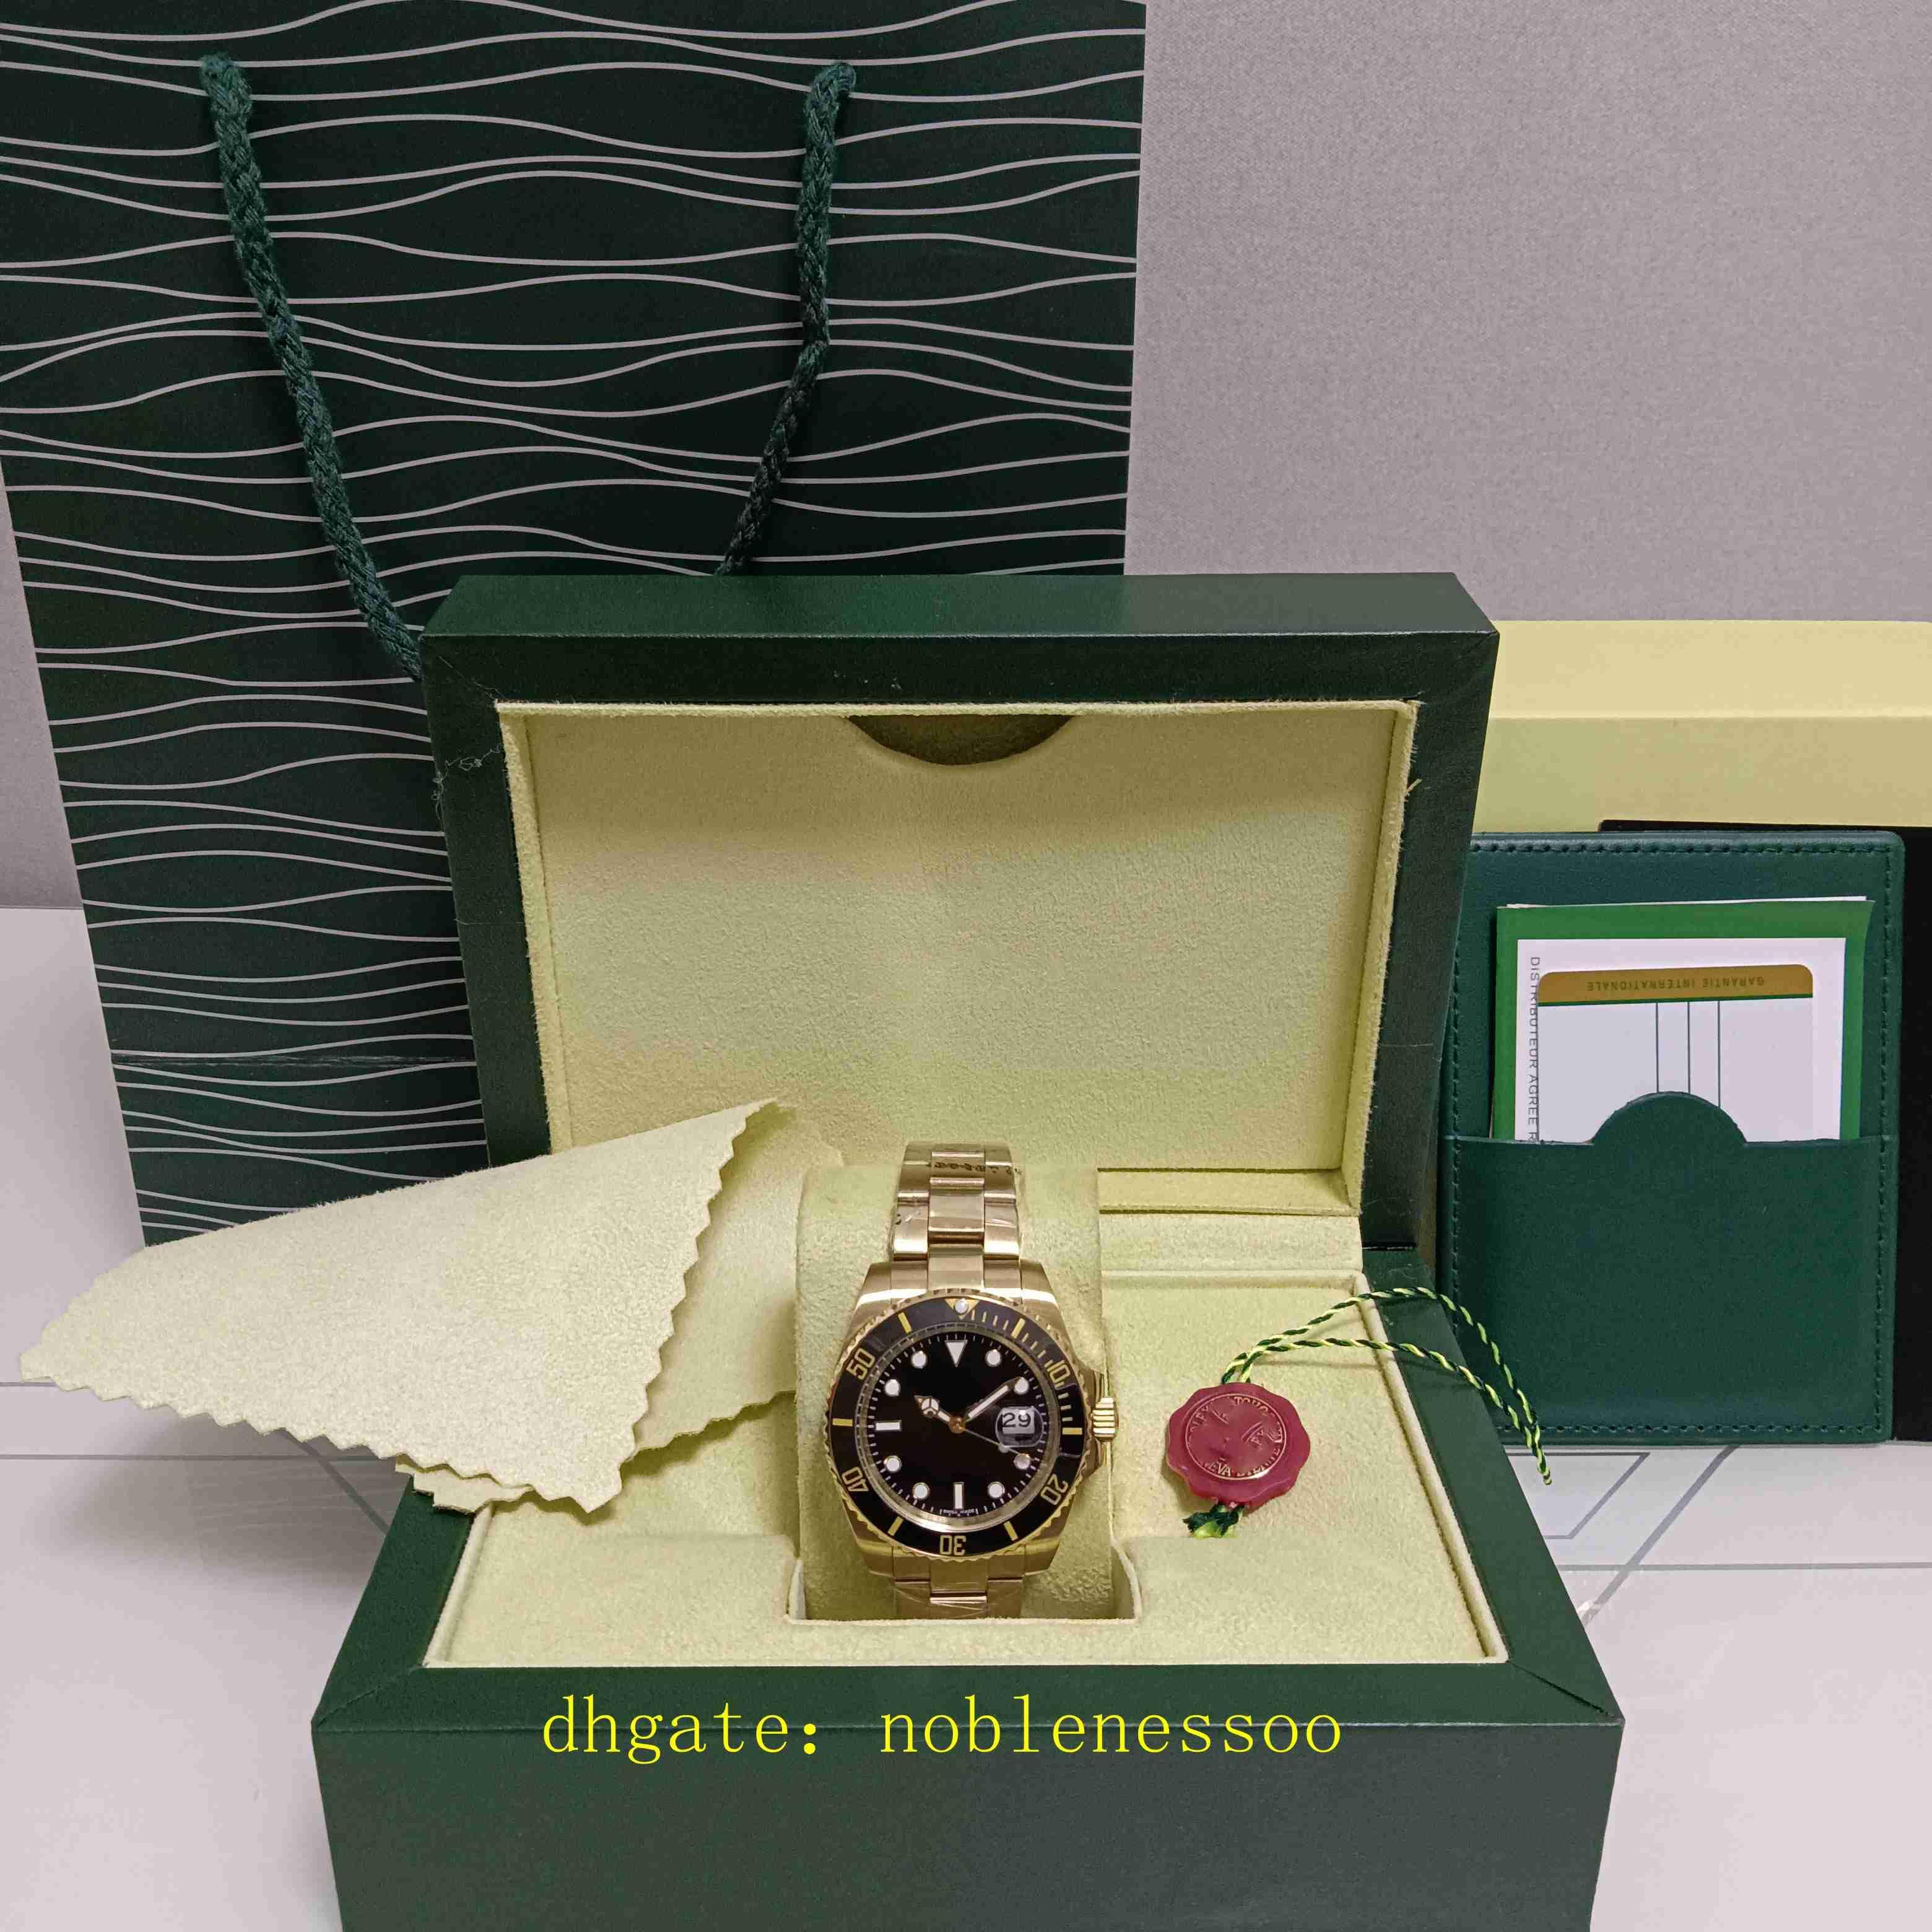 8 Färg med originallåda 116618 Watch Mäns 40mm 18k gul guld Oyster Perpetual Ceramic Bezel 114060 116618LB 116619LB 116618LN 116613LB 116610LN Mens Klockor